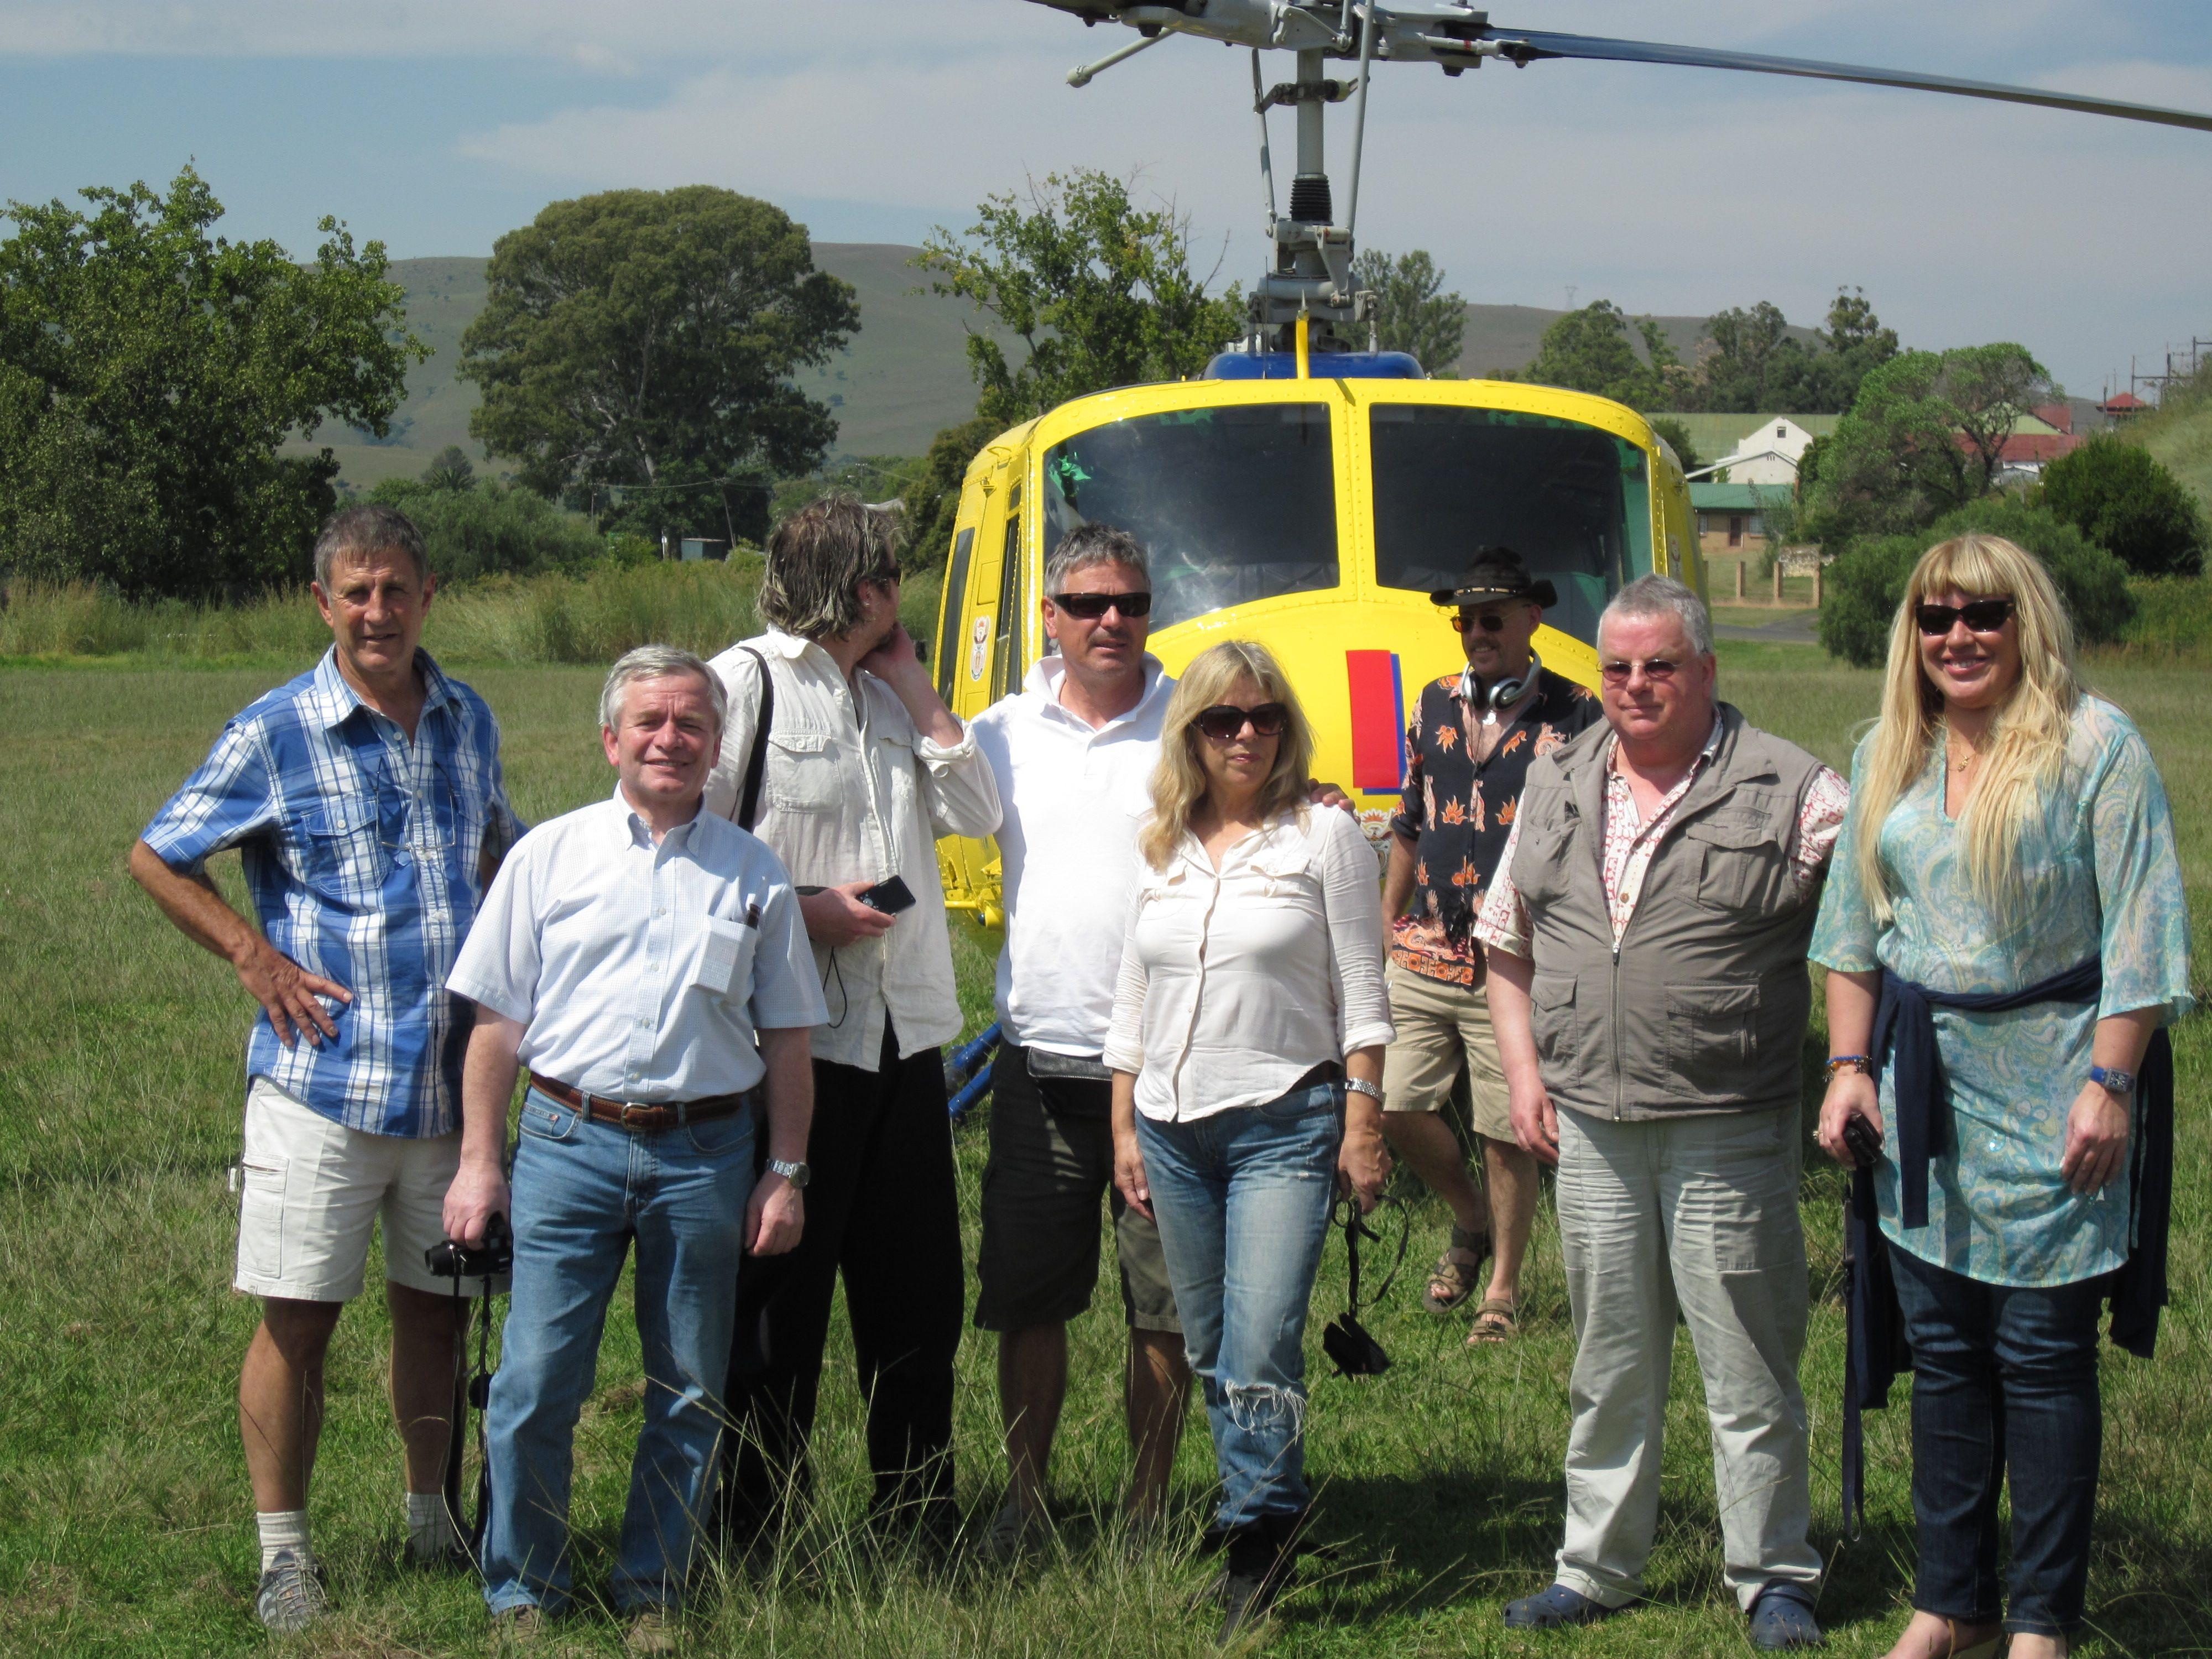 megolithomanigrouphelicopter